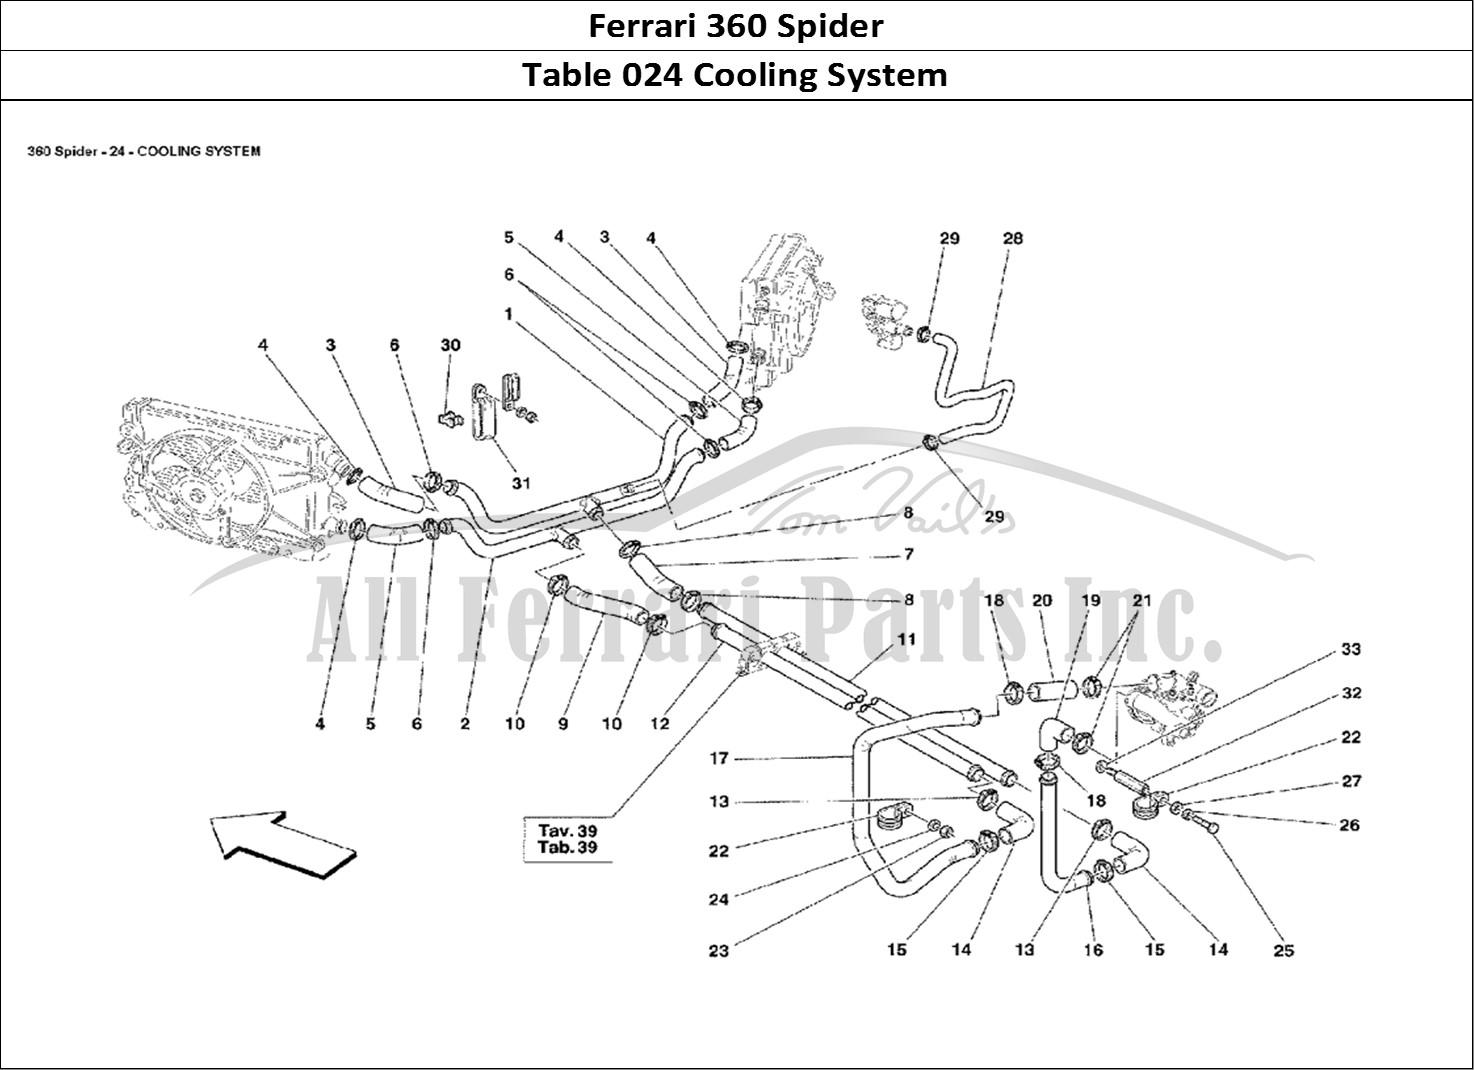 Buy Original Ferrari 360 Spider 024 Cooling System Ferrari